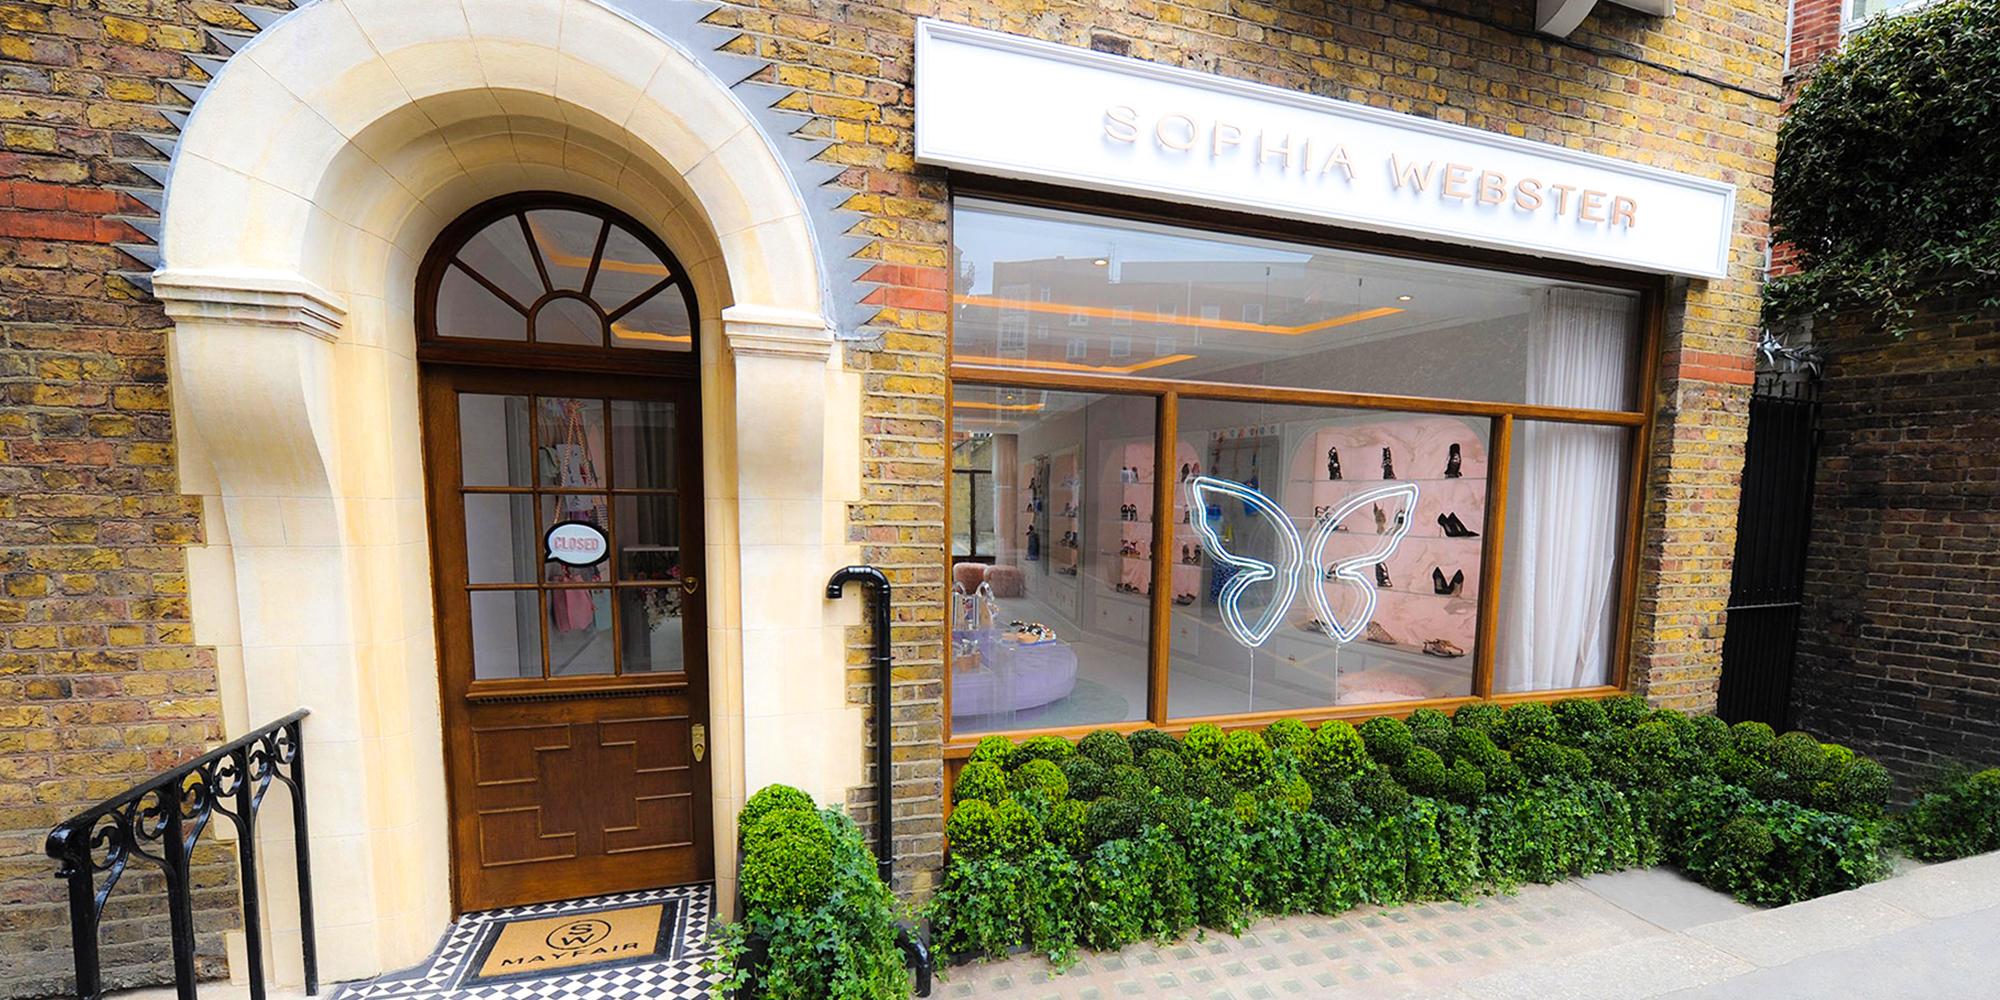 Sophia Webster Mount Street Store